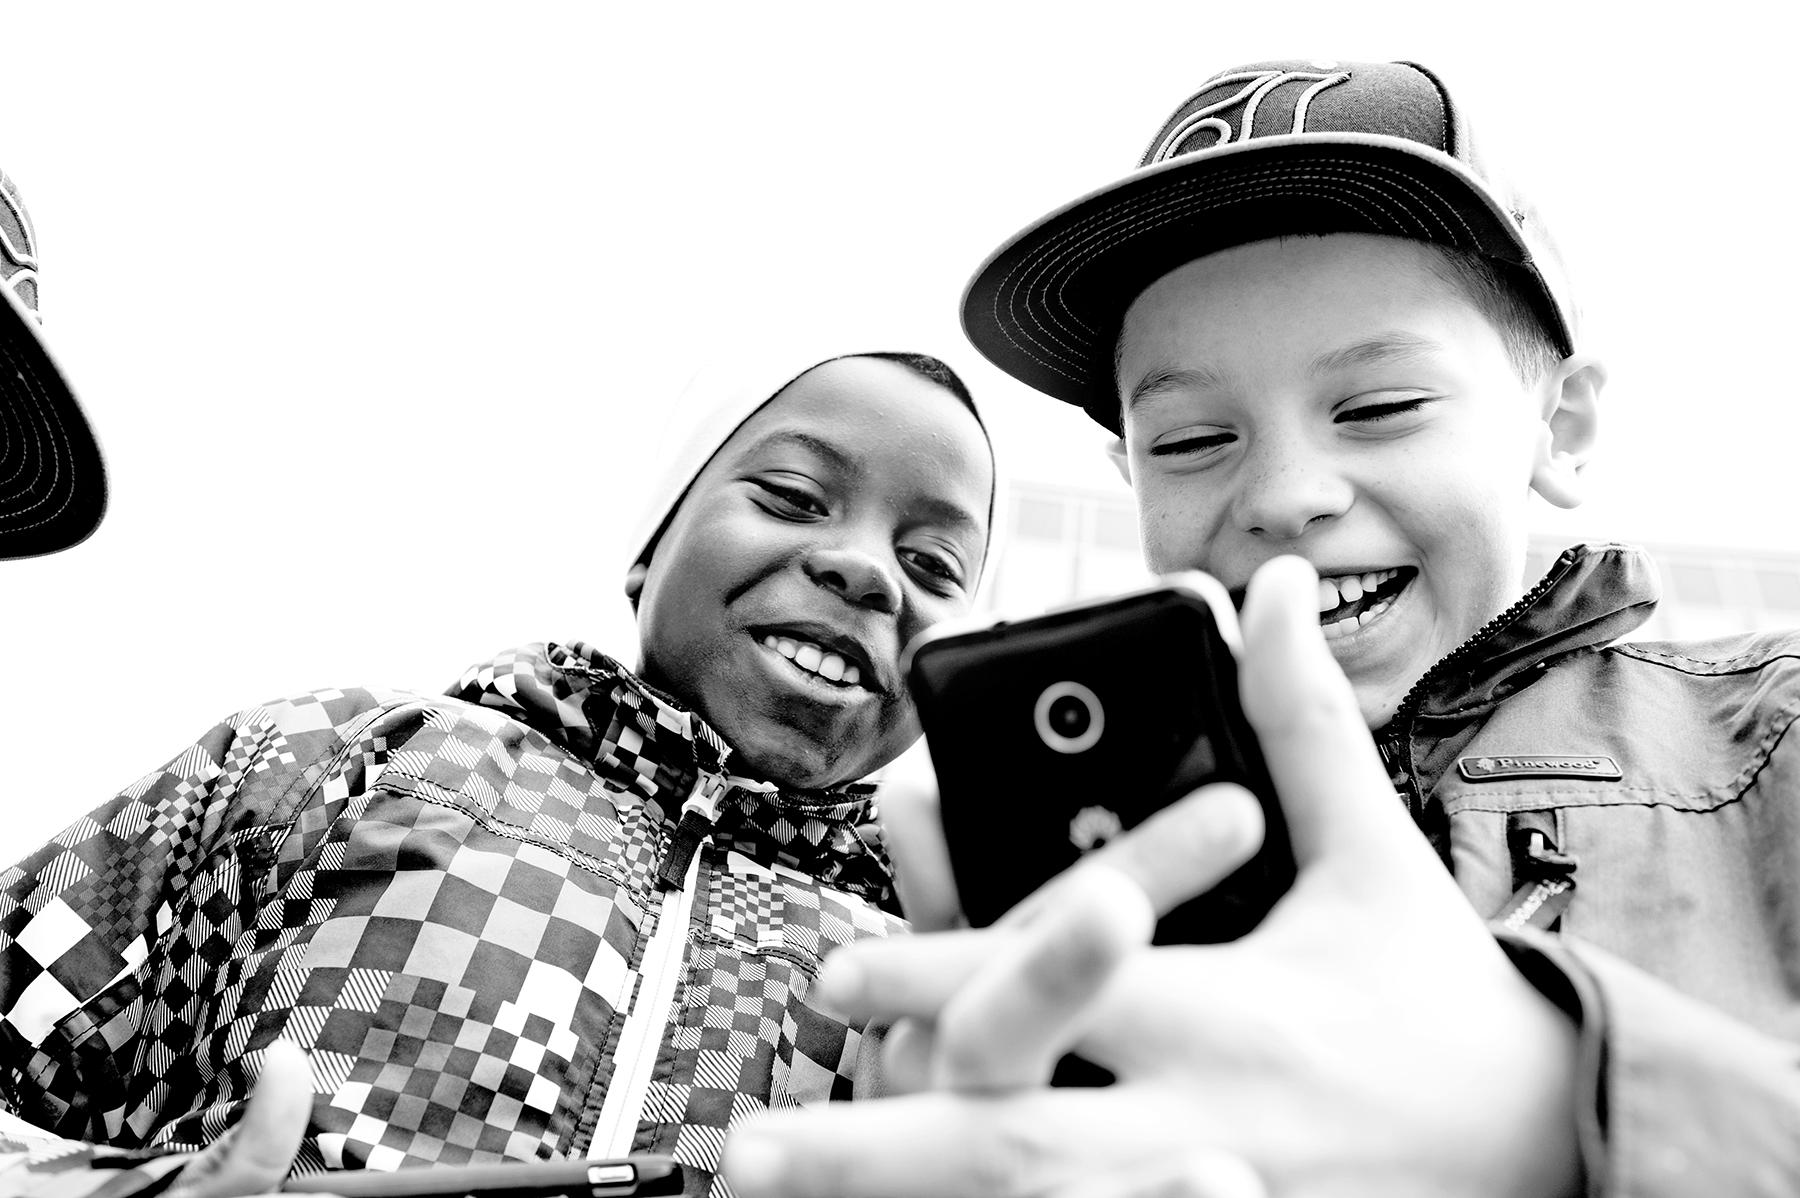 norske jenter bilder kontaktar